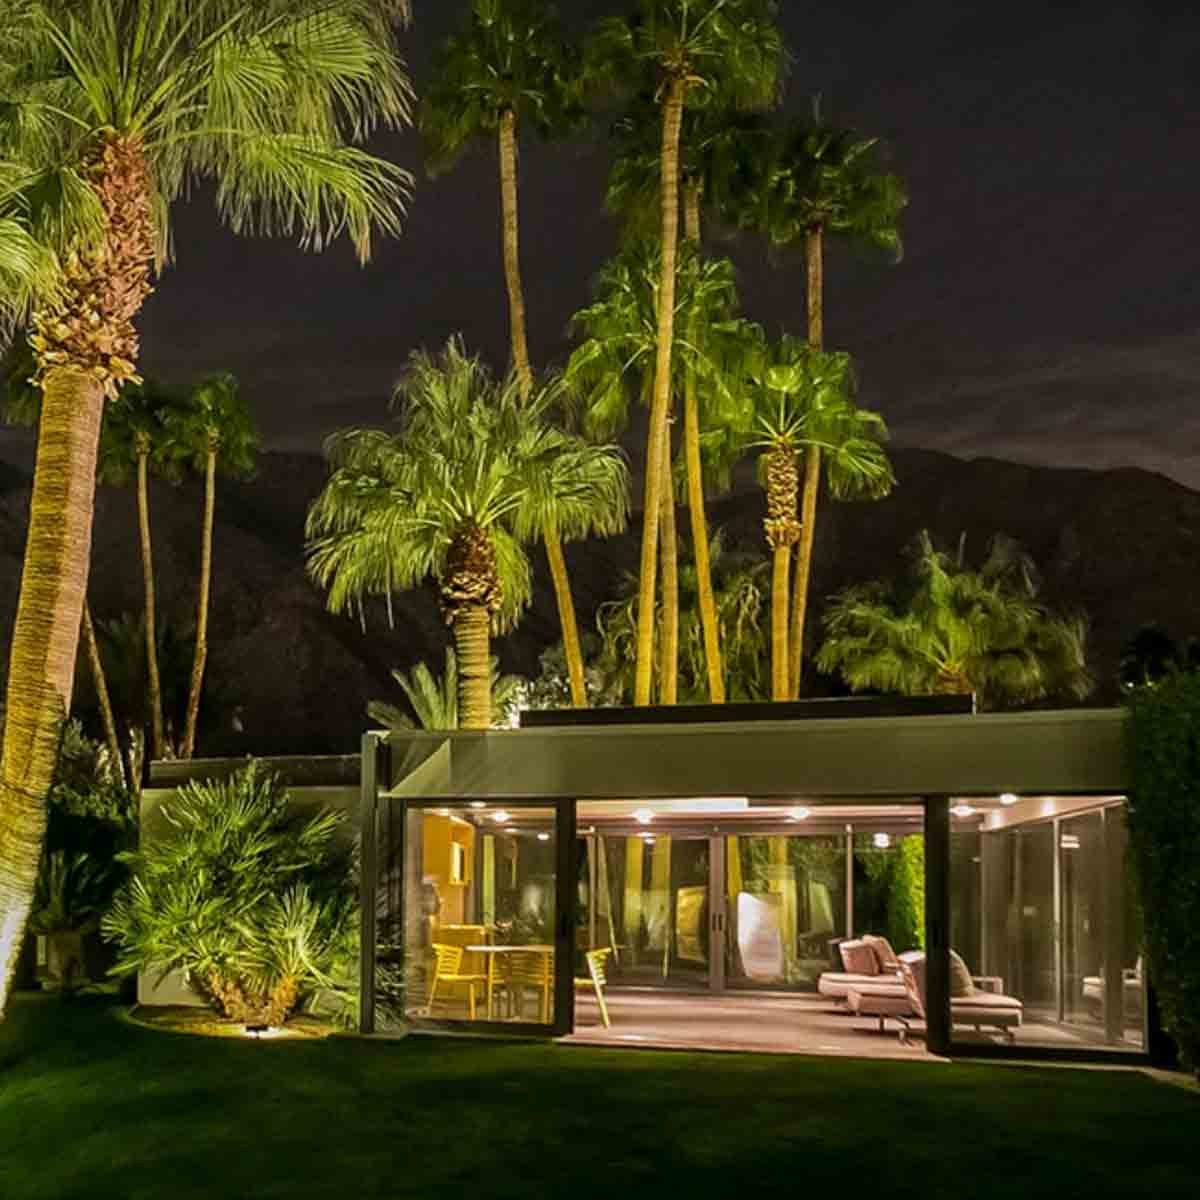 Leonardo-DiCaprio-Palm-Spring-Home